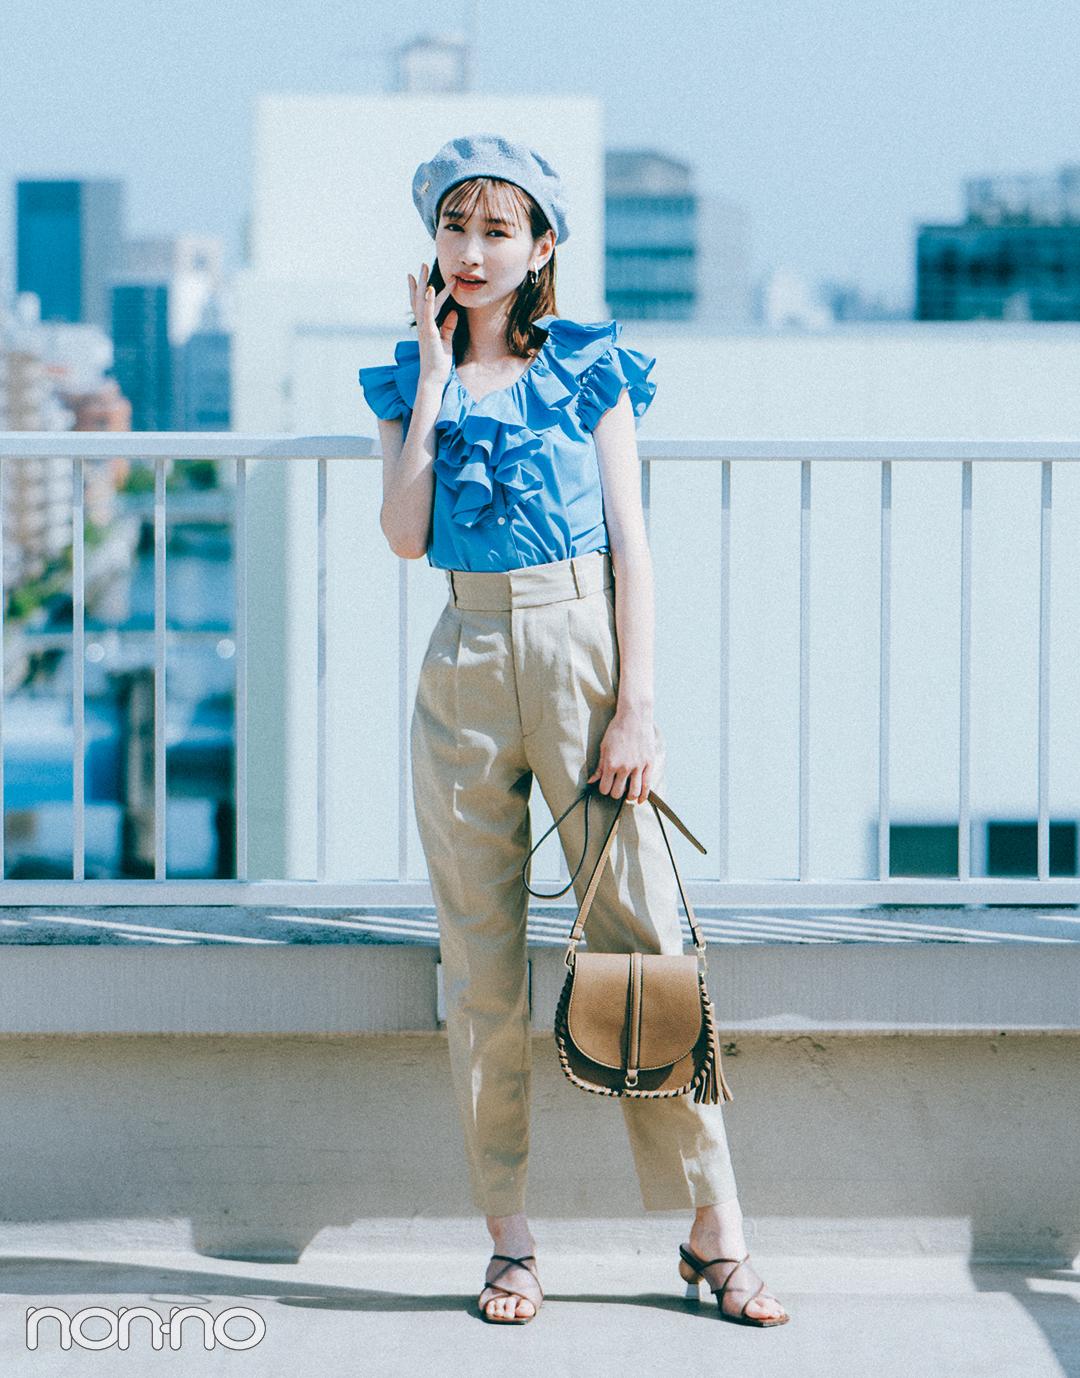 『岡本夏美』の『ベージュ×ピュアブルー』モデルカット1-1